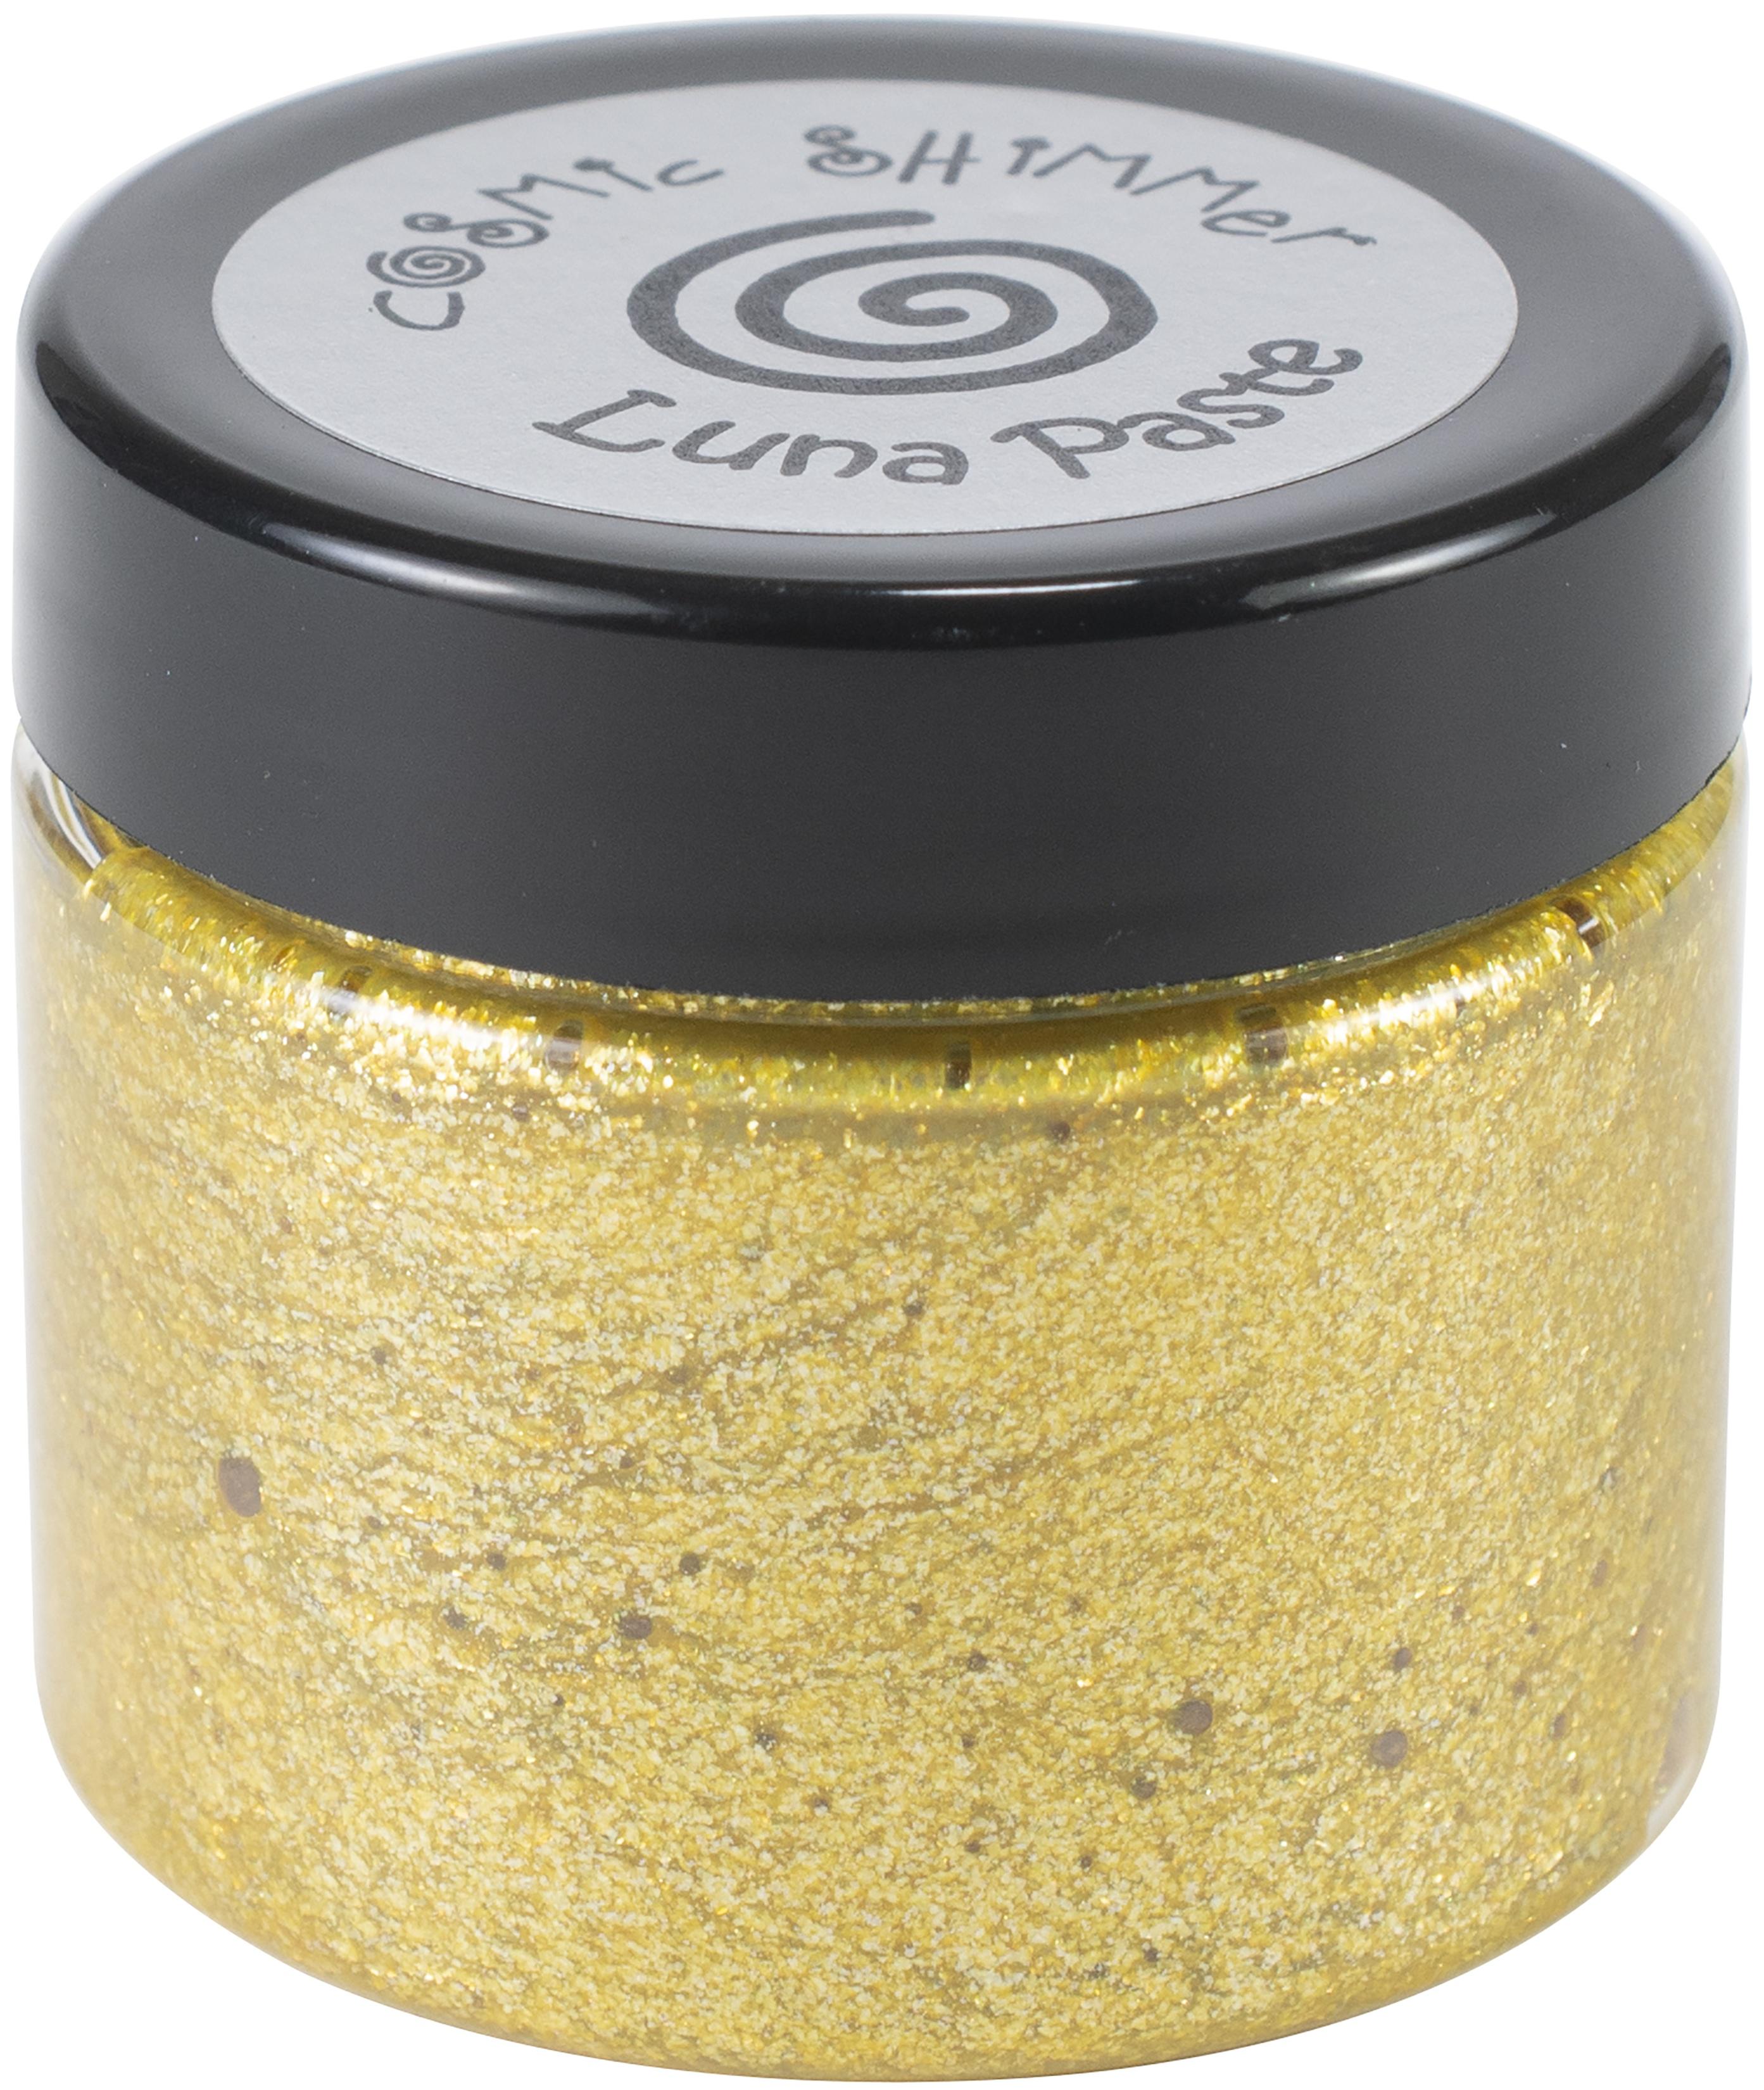 Cosmic Shimmer Luna Paste-Gold